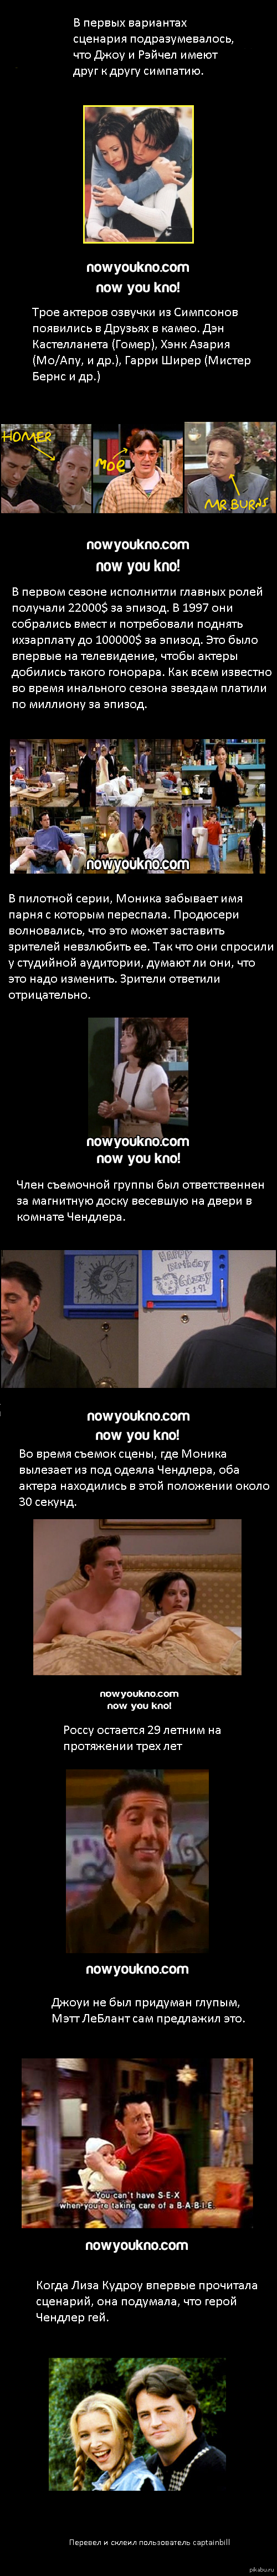 """Факты о культовом сериале """"Друзья""""."""